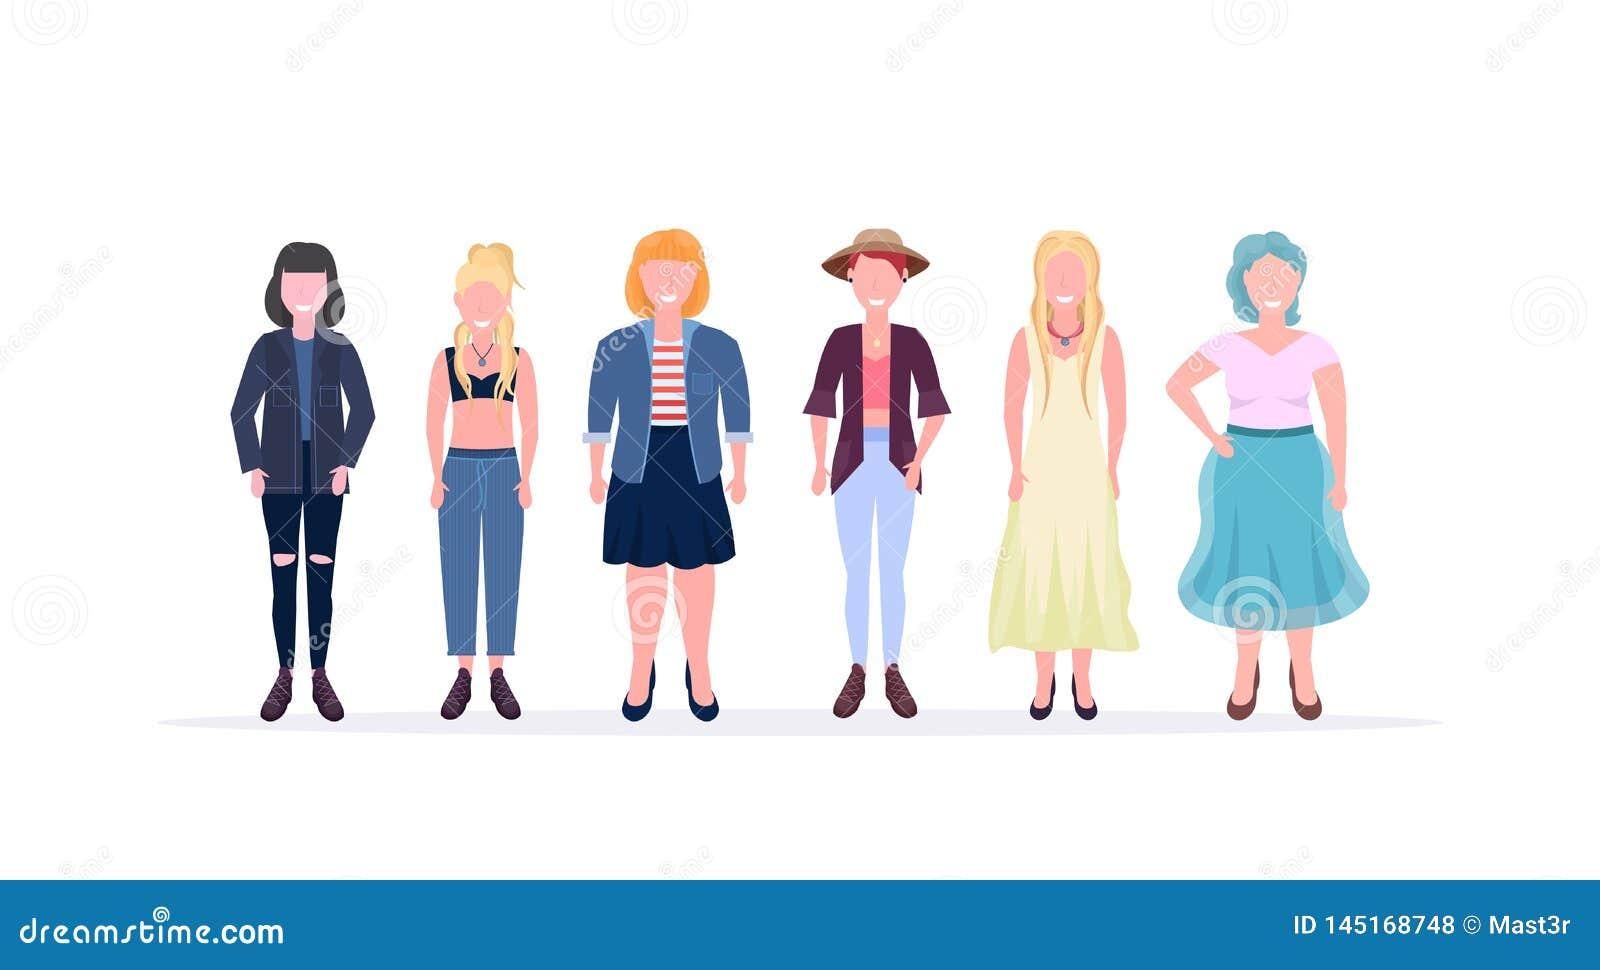 """Przypadkowe kobiety stoi wpólnie uÅ›miechać siÄ™ różne ciaÅ'o ksztaÅ'ta typów i fryzur dziewczyn żeÅ""""skie postacie z kreskÃ"""